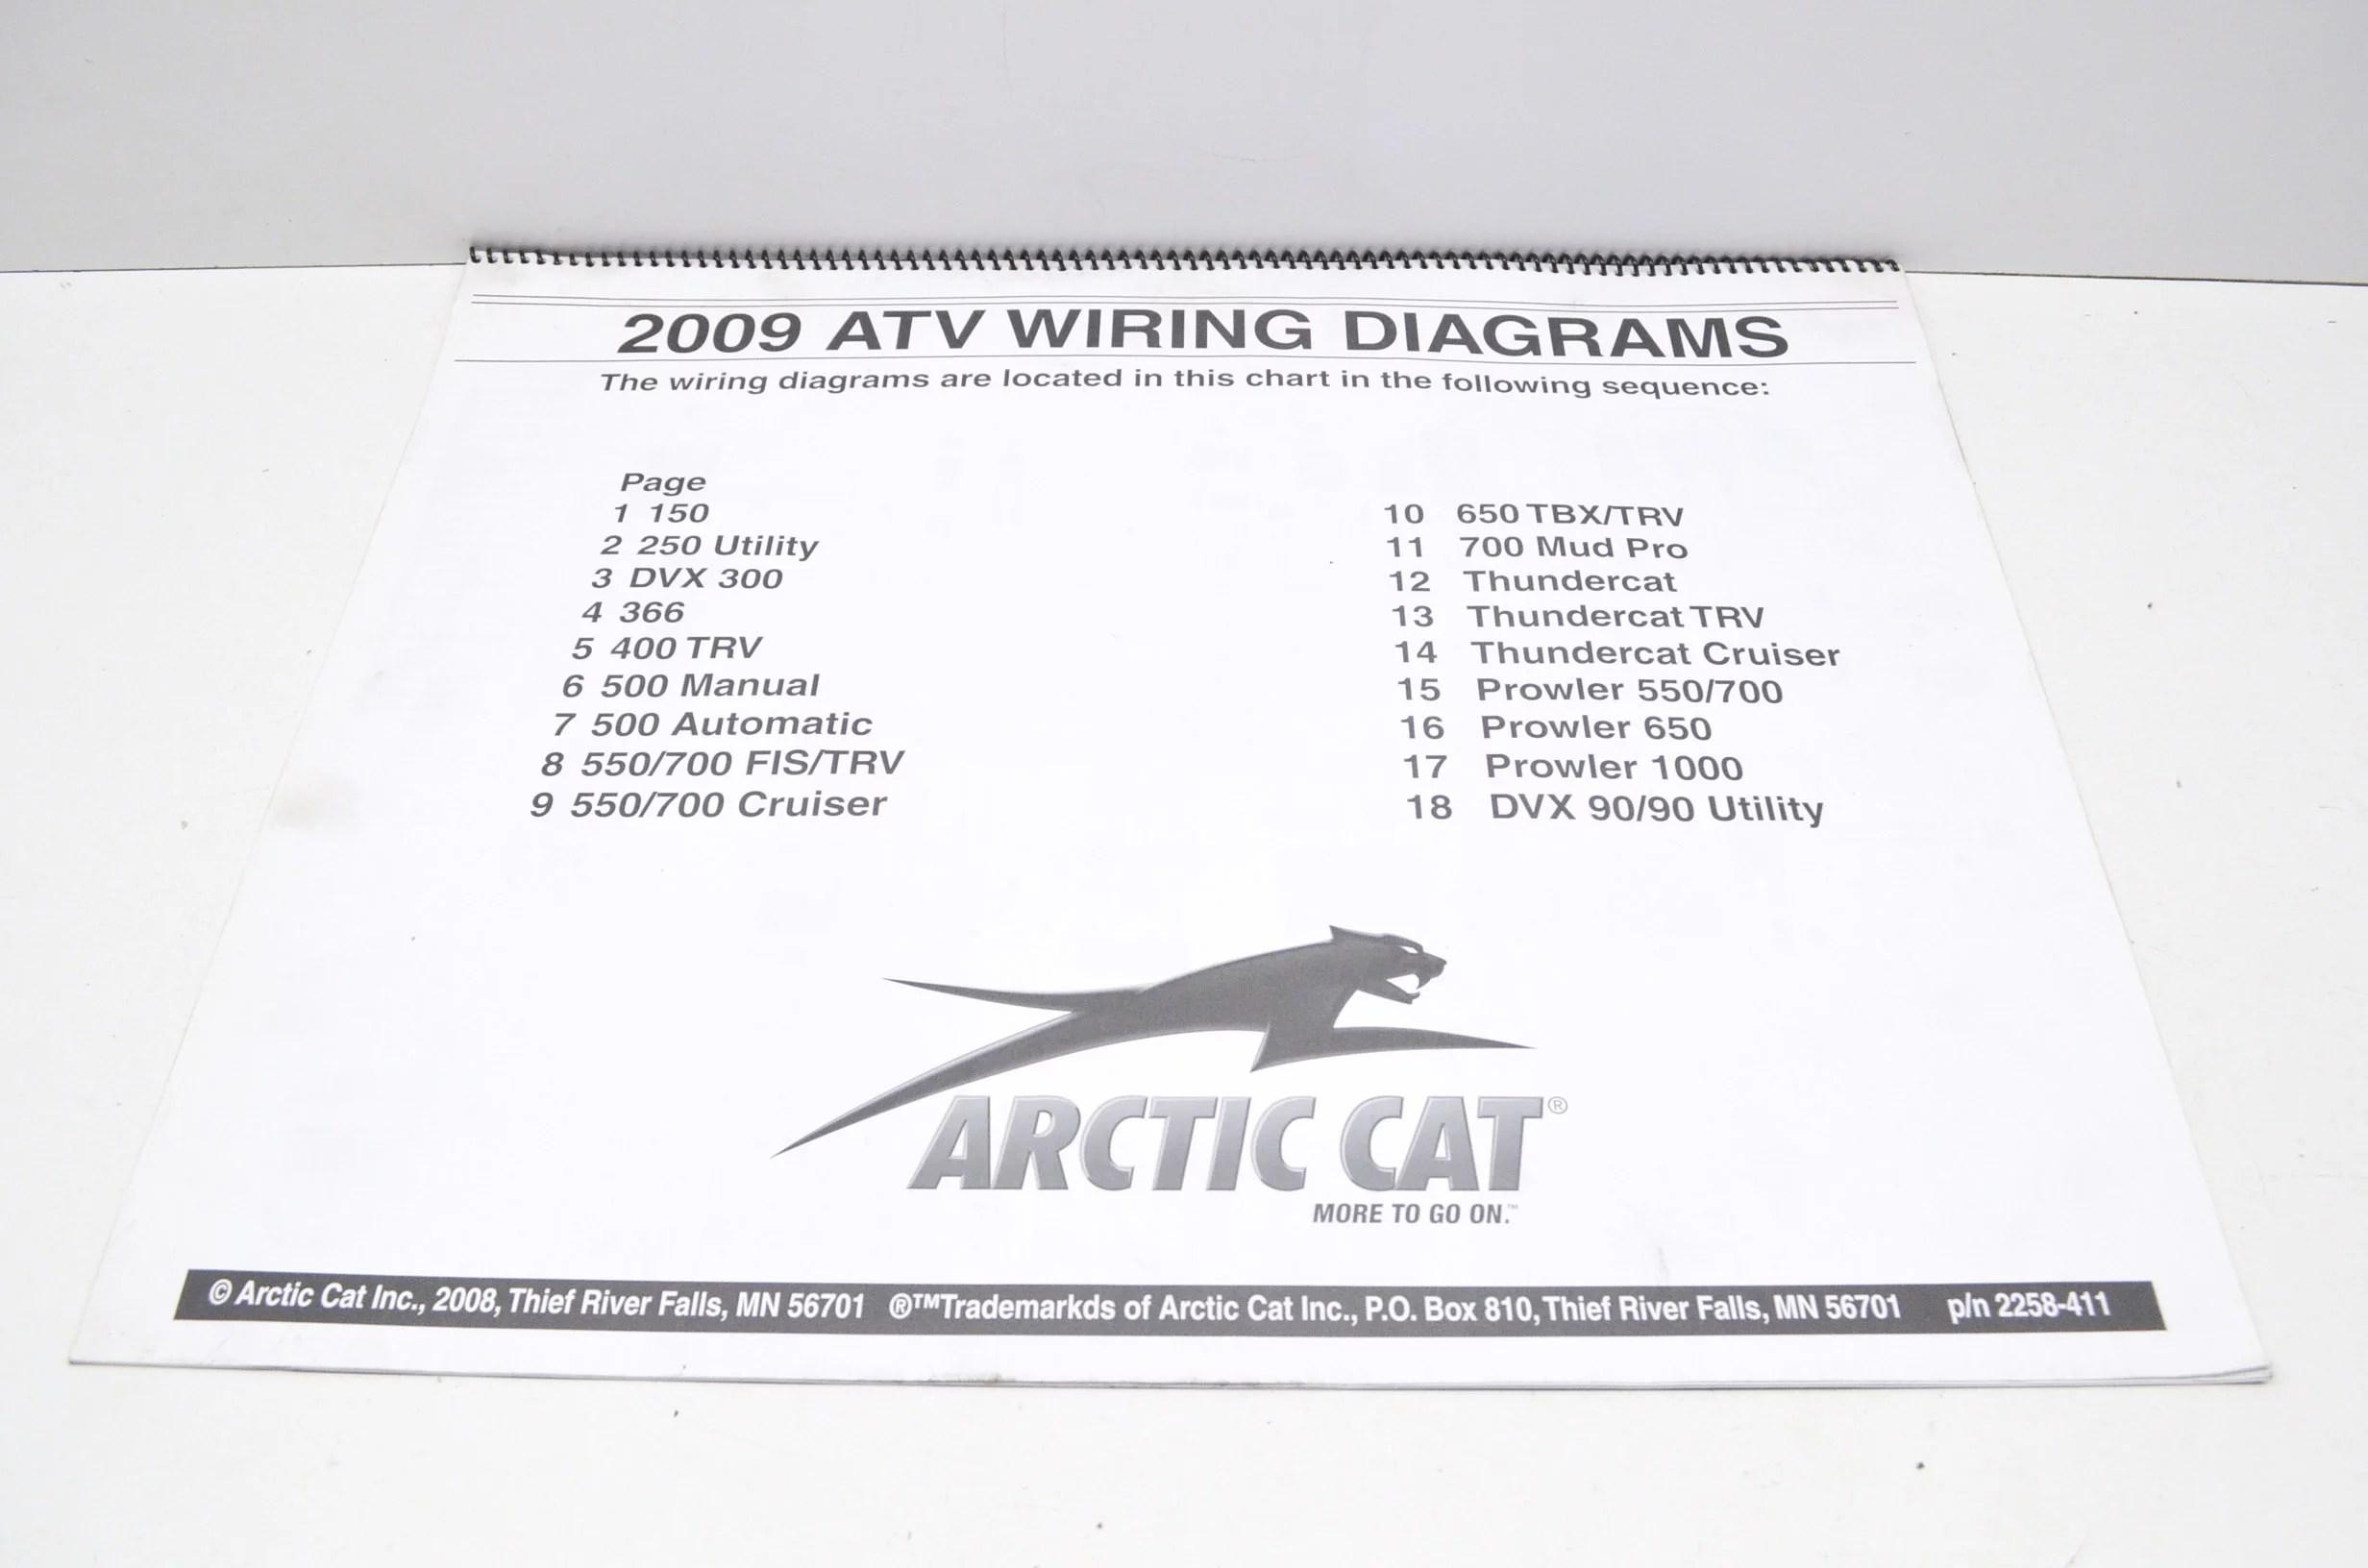 hight resolution of arctic cat 2258 411 2009 atv wiring diagrams qty 1 walmart com rh walmart com 2001 arctic cat 400 4x4 wiring diagram wiring diagram 1999 arctic cat 500